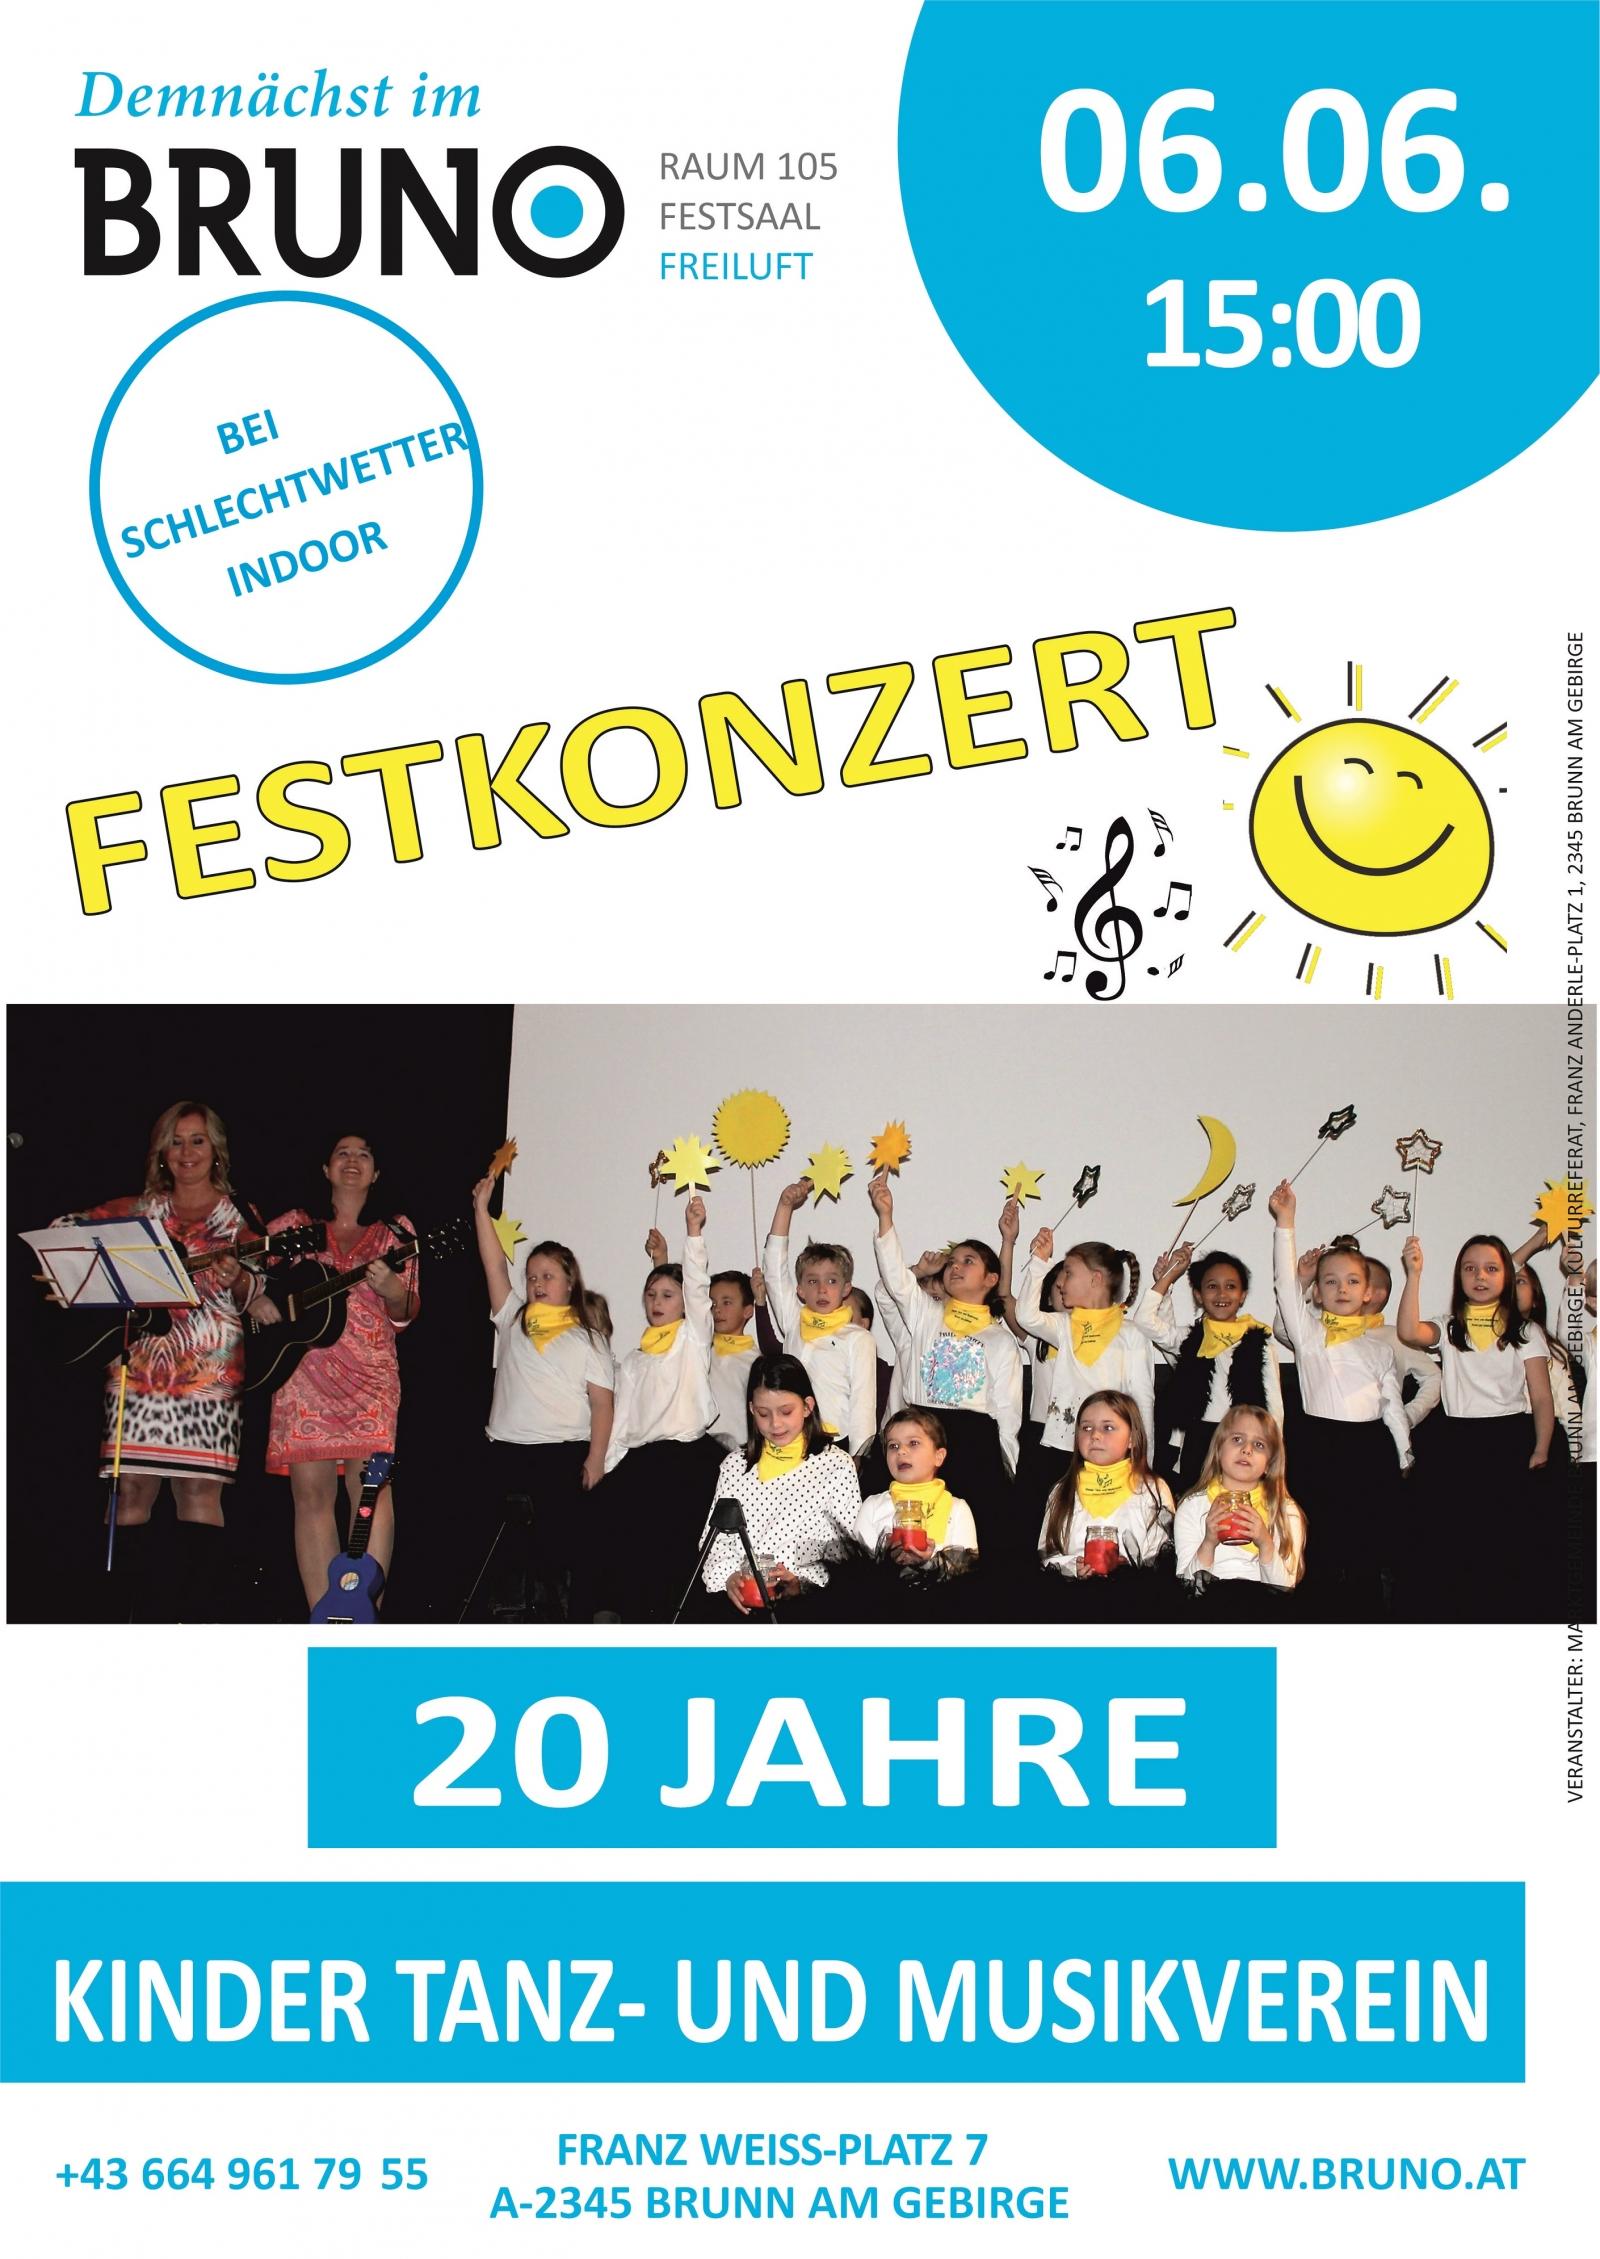 Festkonzert des Kinder Tanz - und Musikvereins Brunn am Gebirge